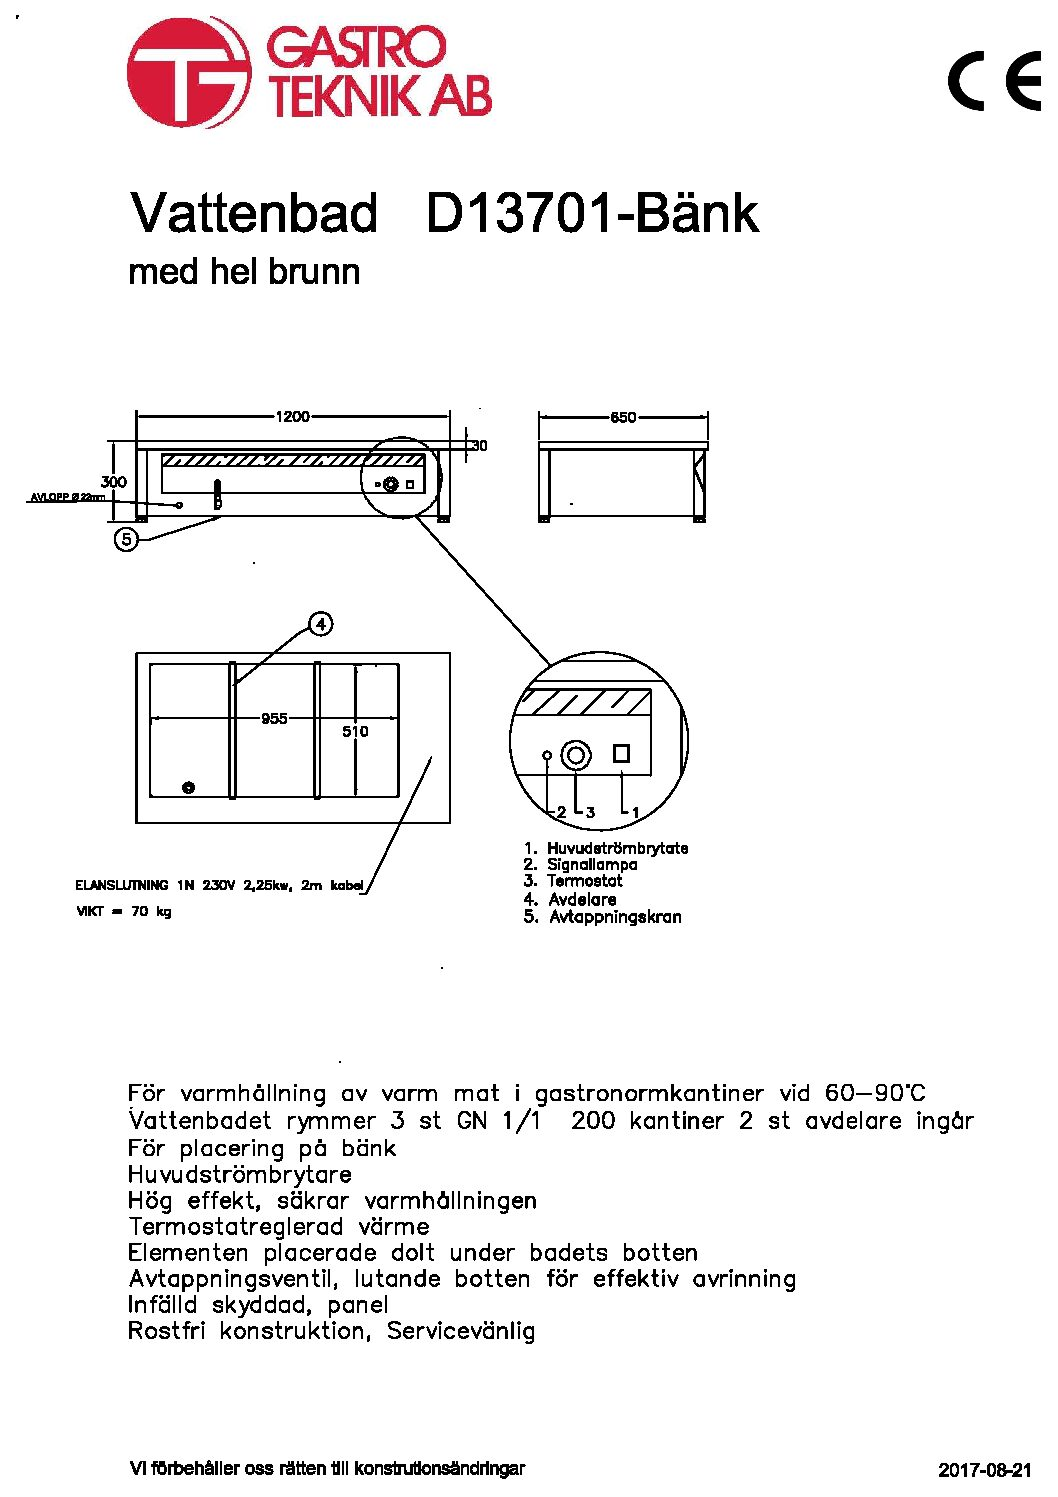 D13701-Bänk